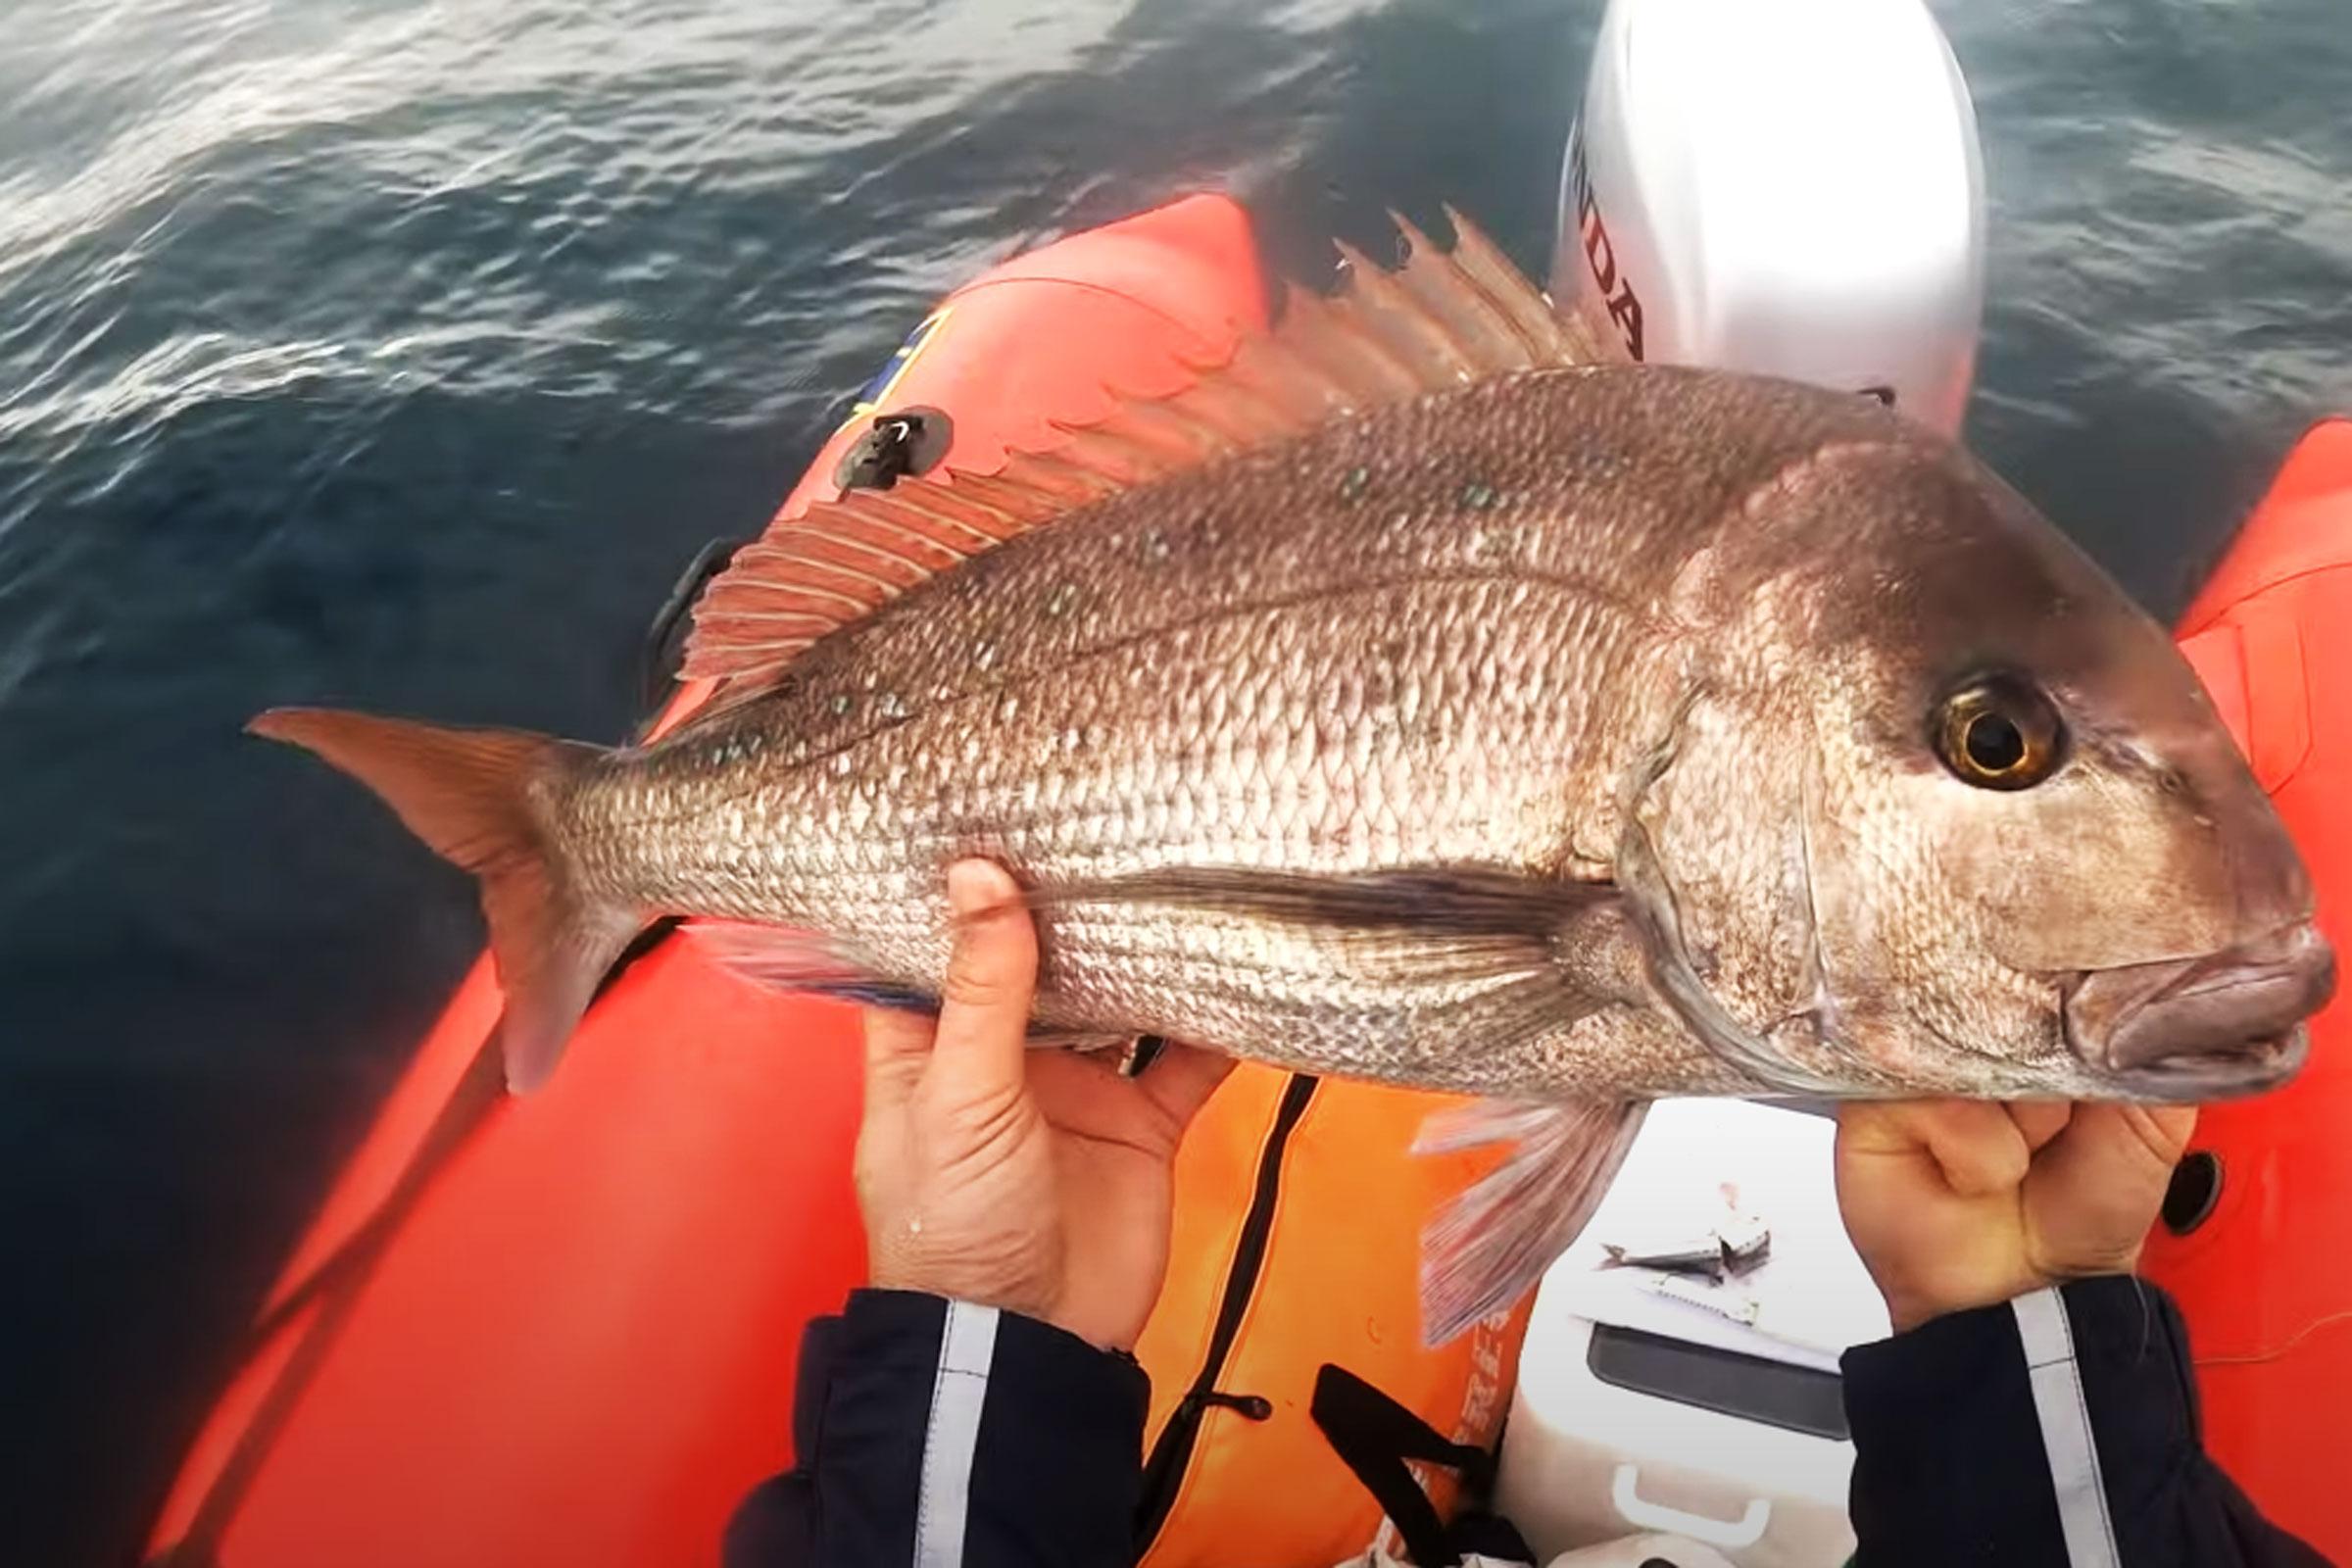 The Digital Fish report